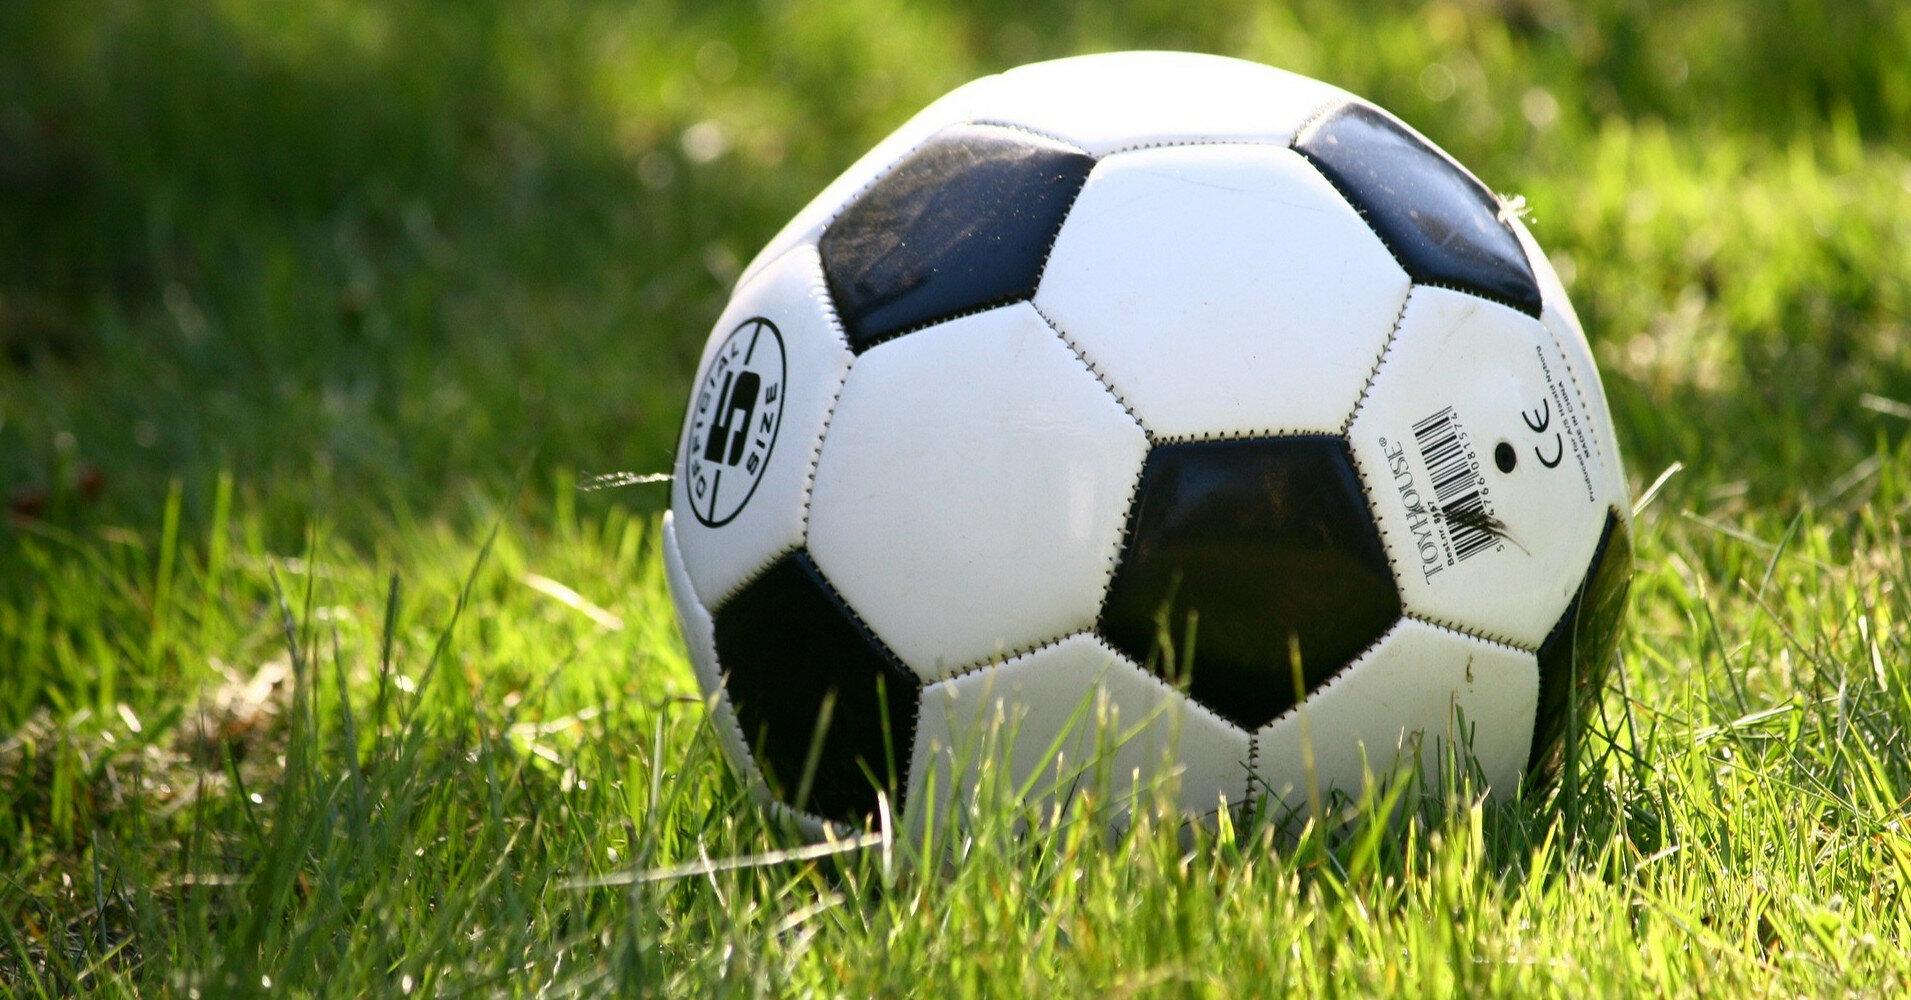 Румыния назвала условия въезда на чемпионат Европы по футболу